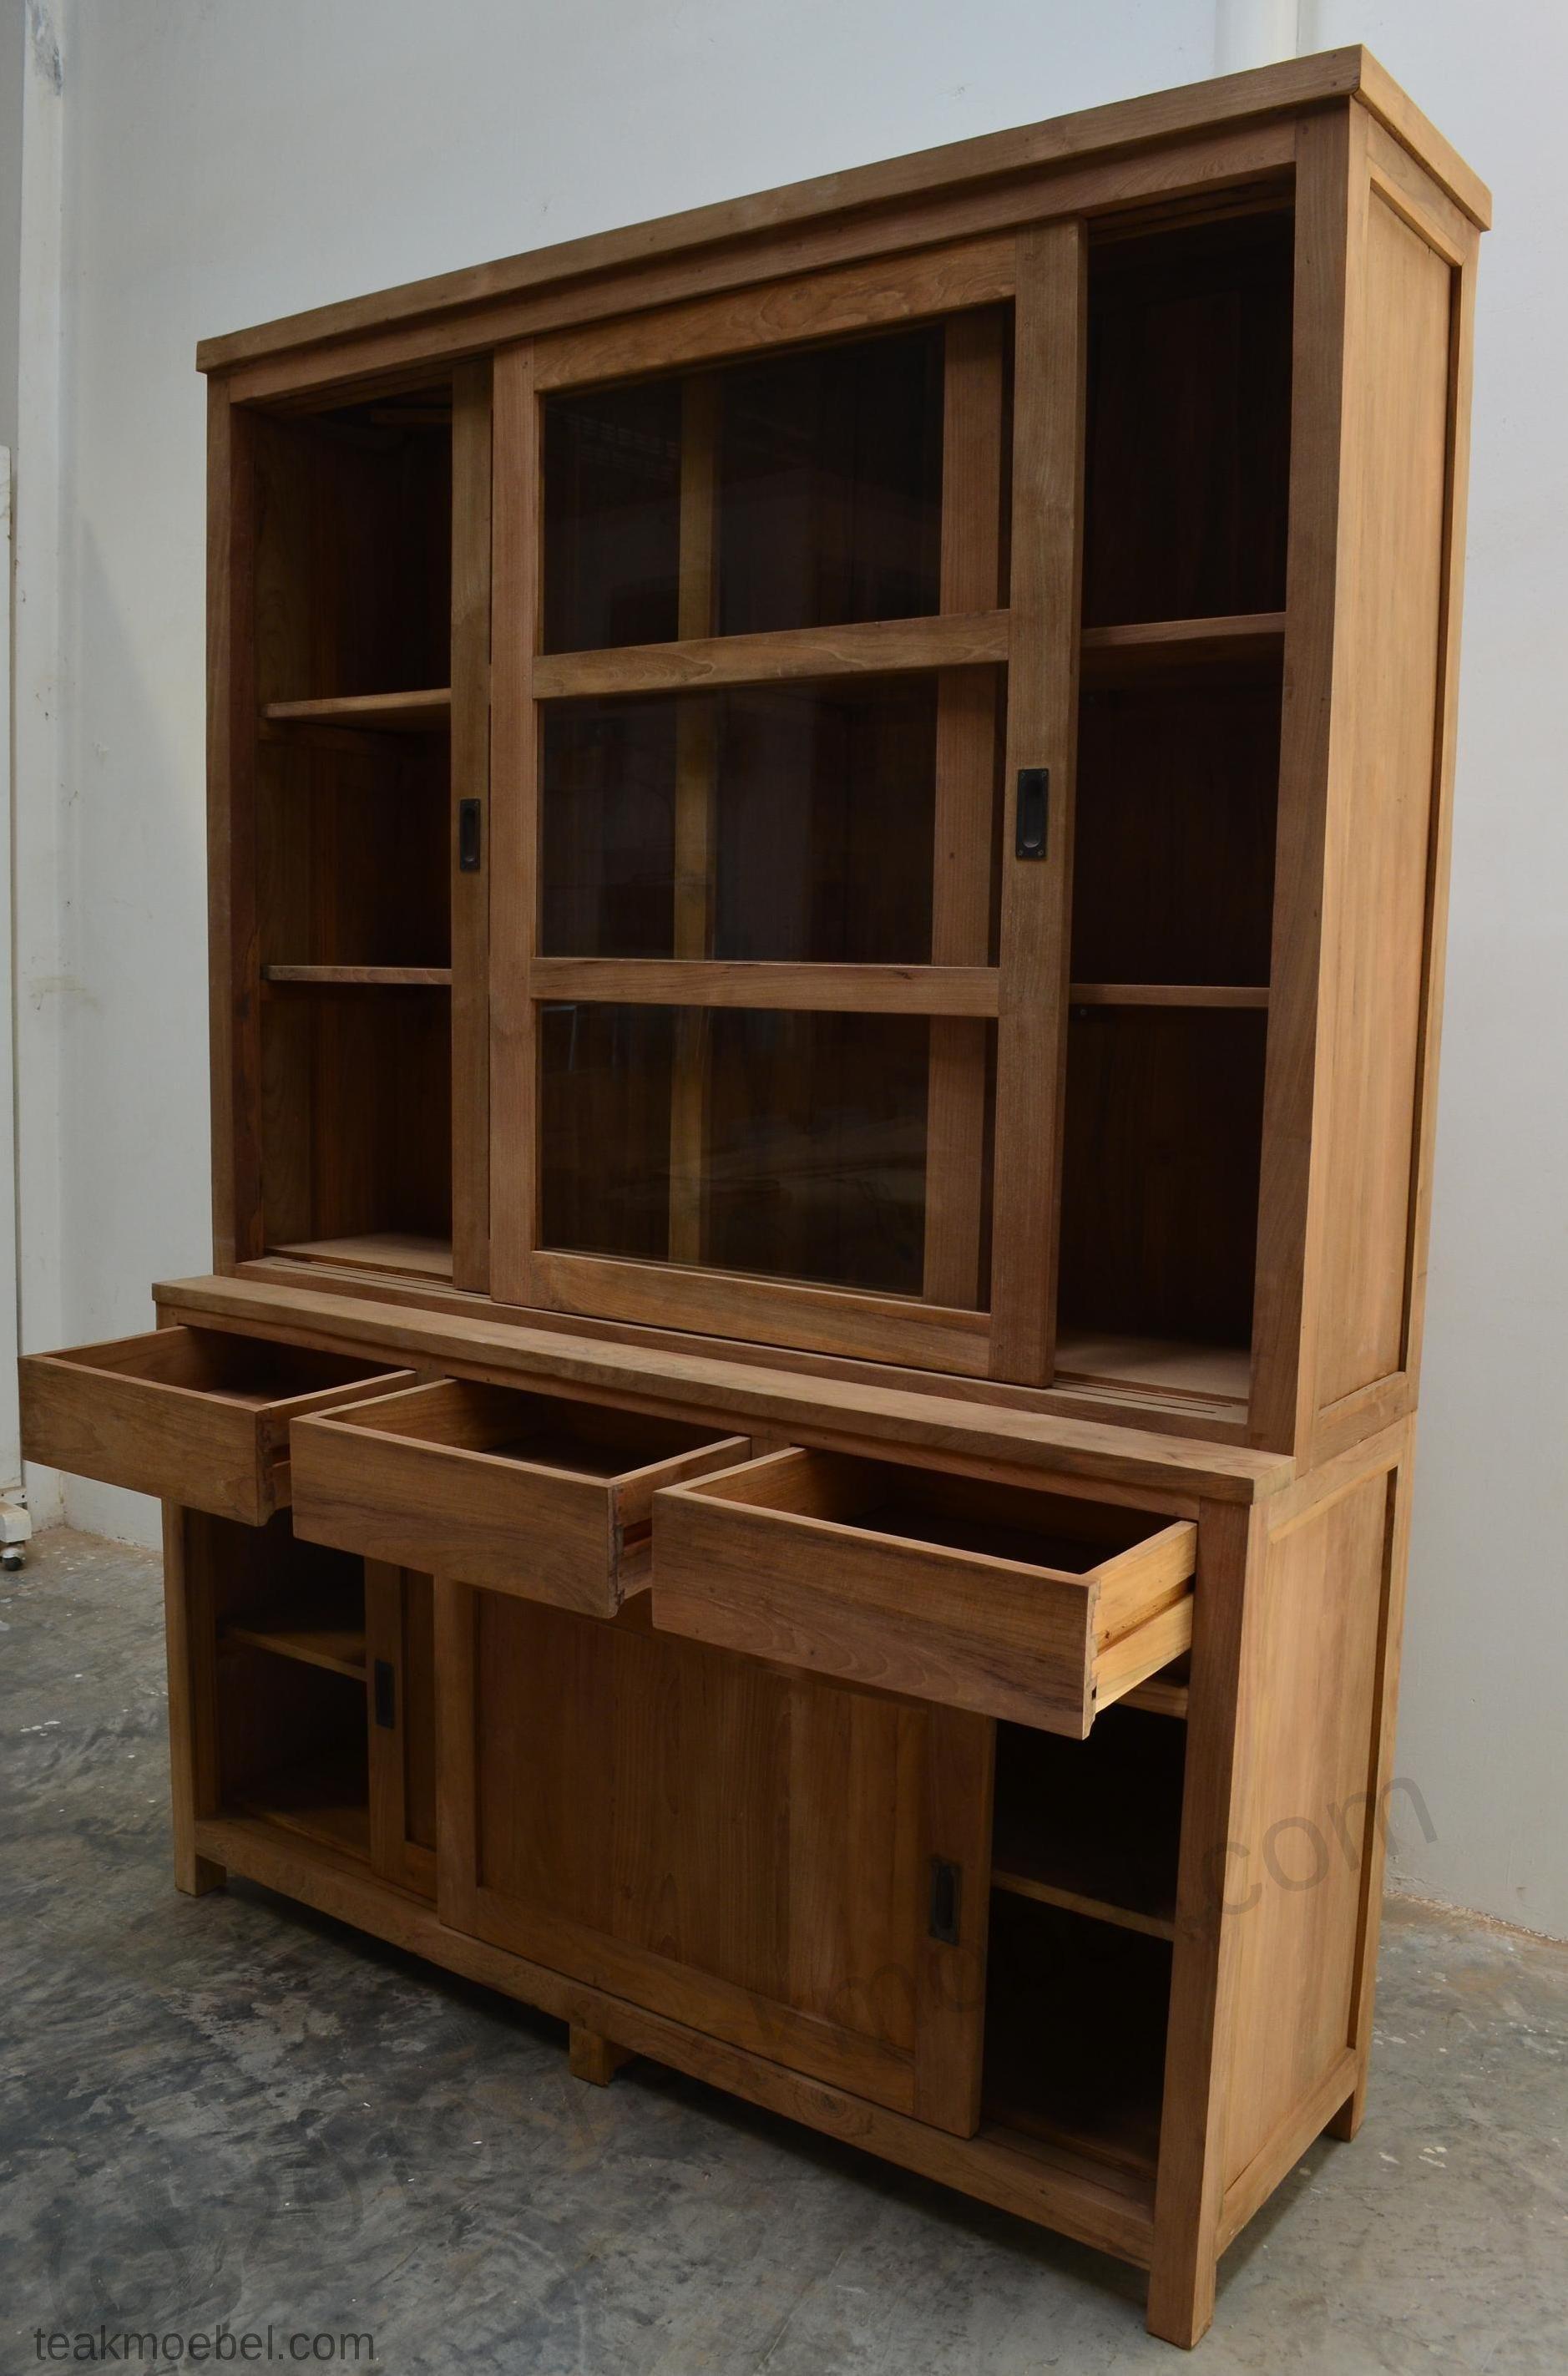 Teak Schrank 160cm Modern | Teakmöbel.com